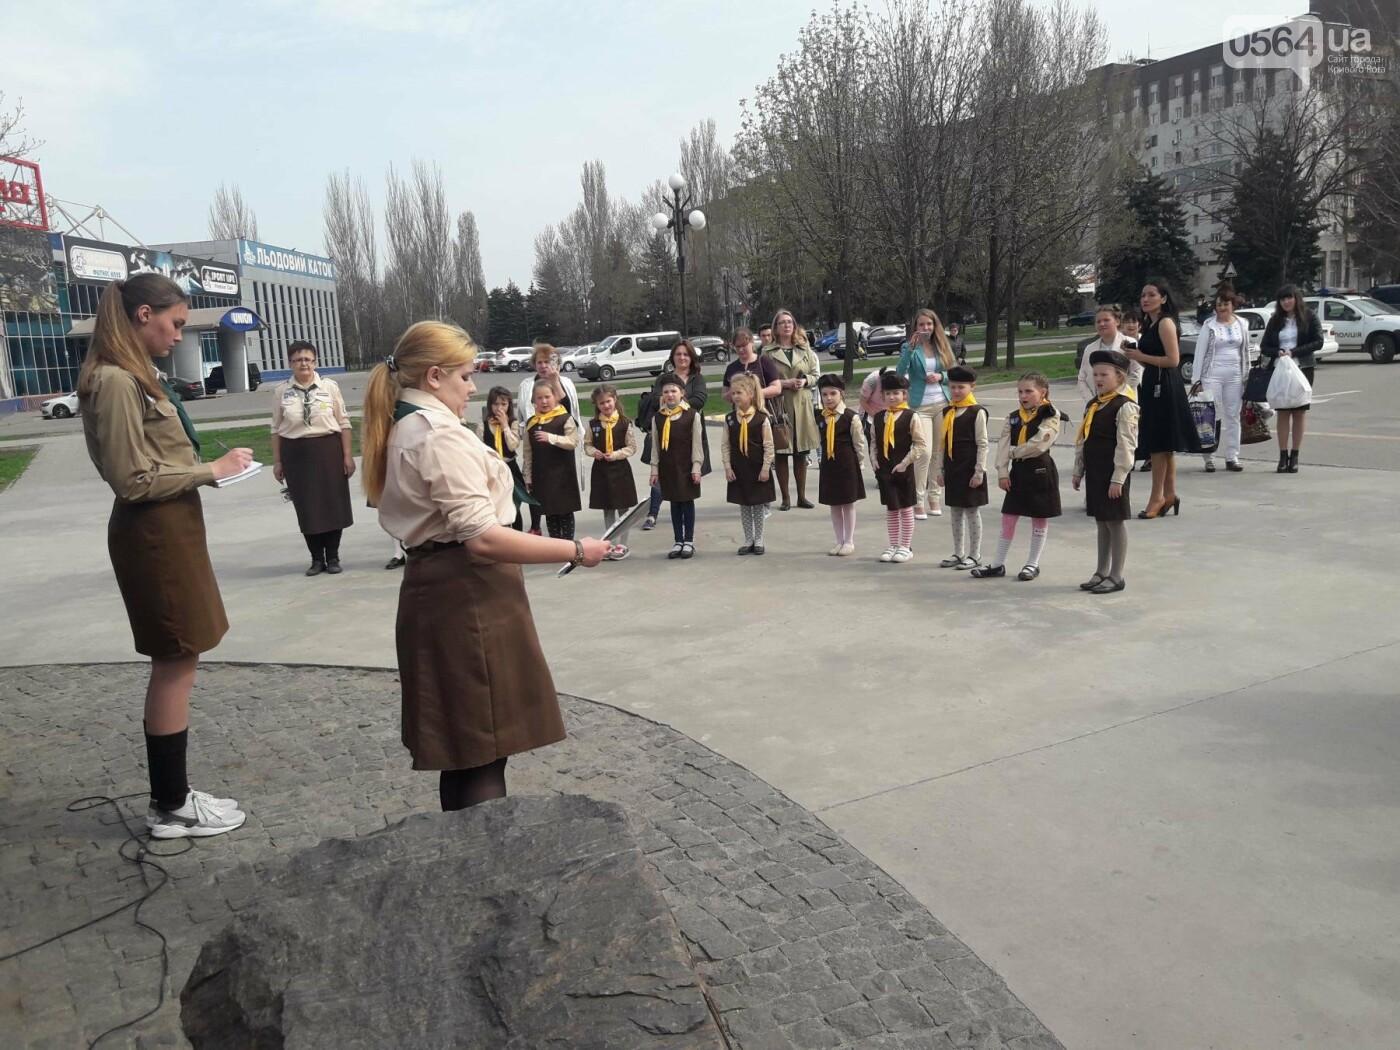 Криворожские пластуны отметили 106-ю годовщину со Дня присяги Богу и Украине (ФОТО), фото-3